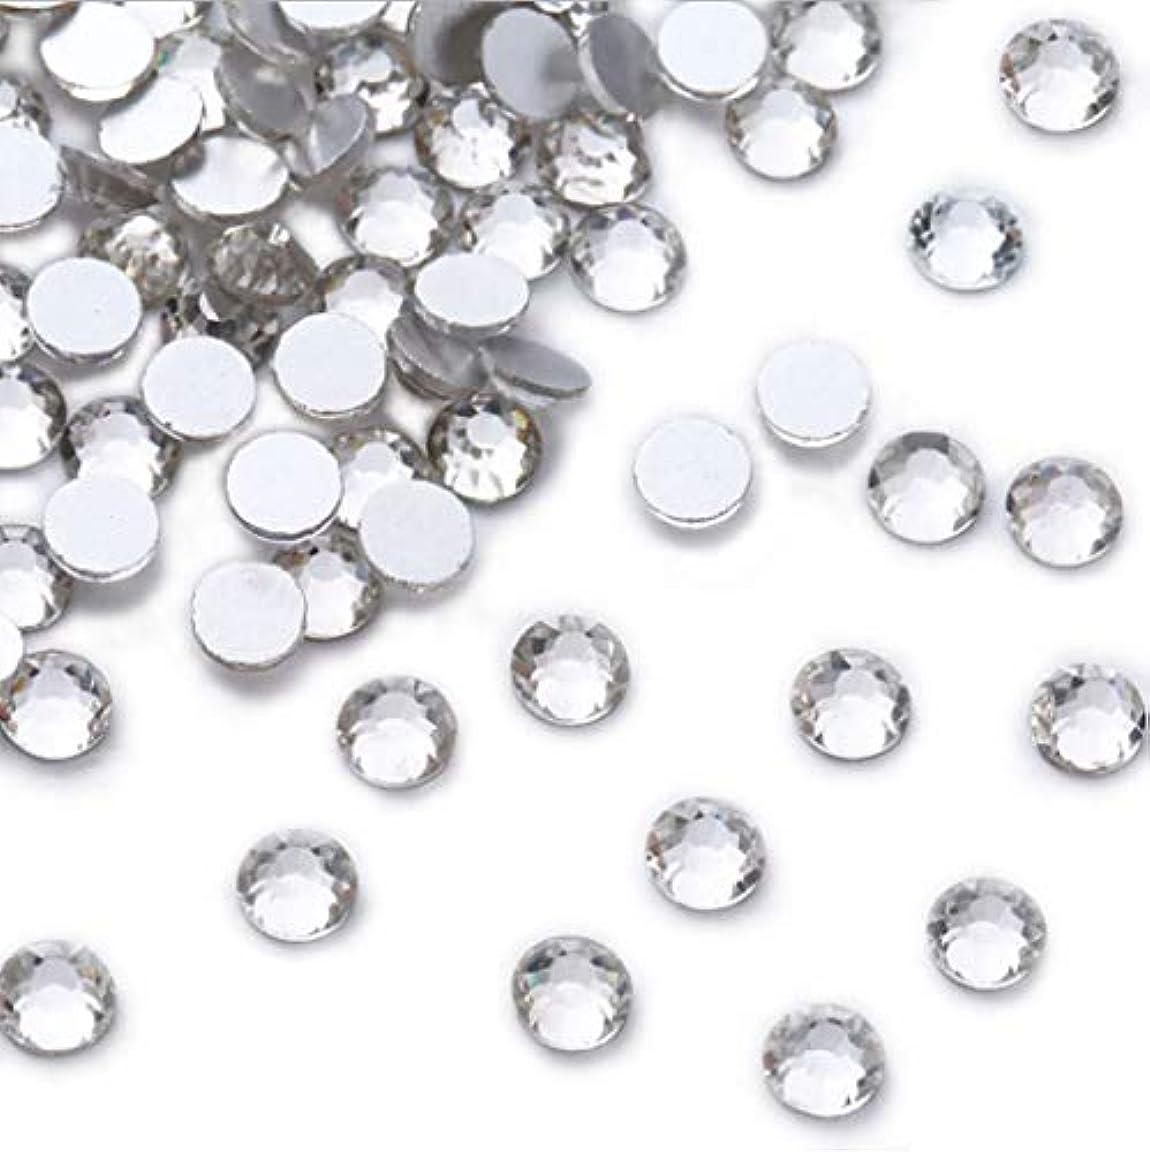 化石兵器庫回るXIULIラインストーン DIY ネイルを飾てと服装使用 高い採光 ホワイト ss3-30 (2.8mm ss10(1440粒), サイズ)